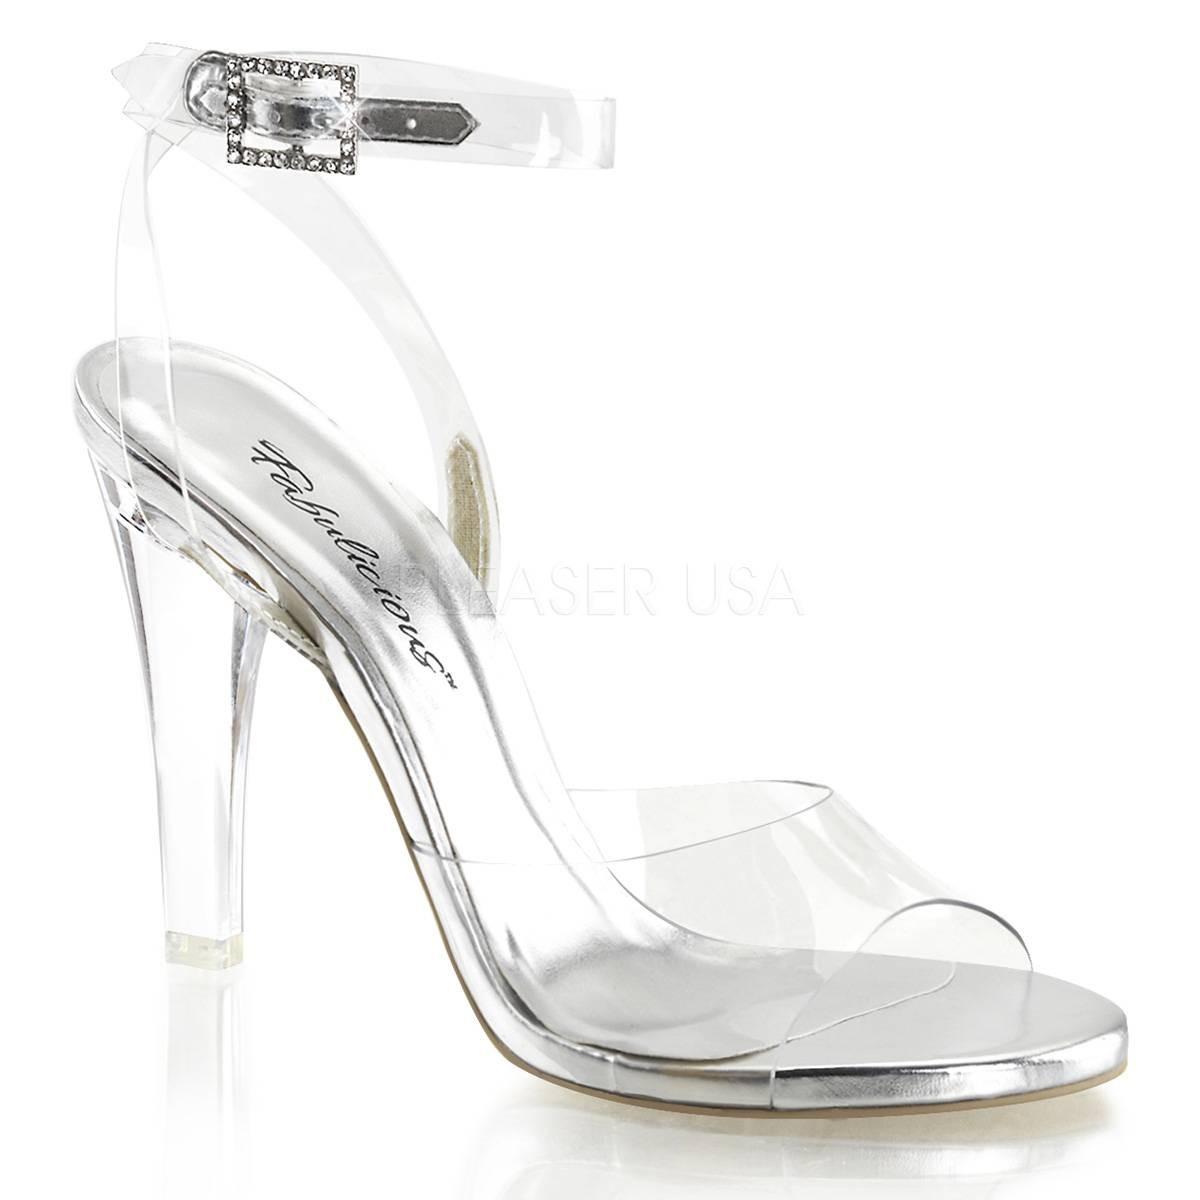 Sandalen - CLEARLY 406 ° Damen Sandalette ° Transparent Matt ° Fabulicious  - Onlineshop RedSixty